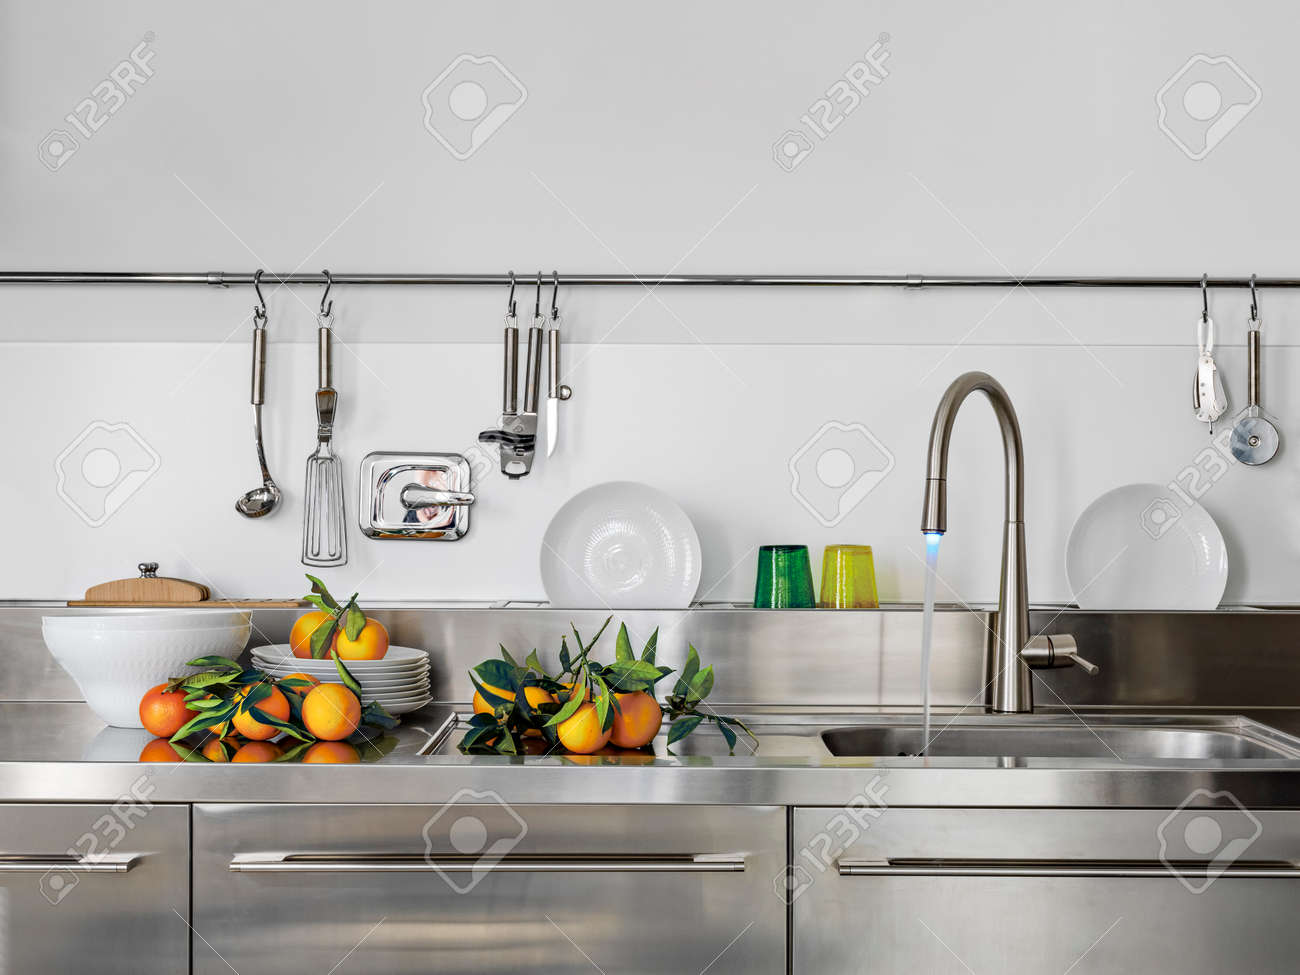 Detail Der Spule Und Wasserhahn In Der Modernen Kuche Mit Orange Auf